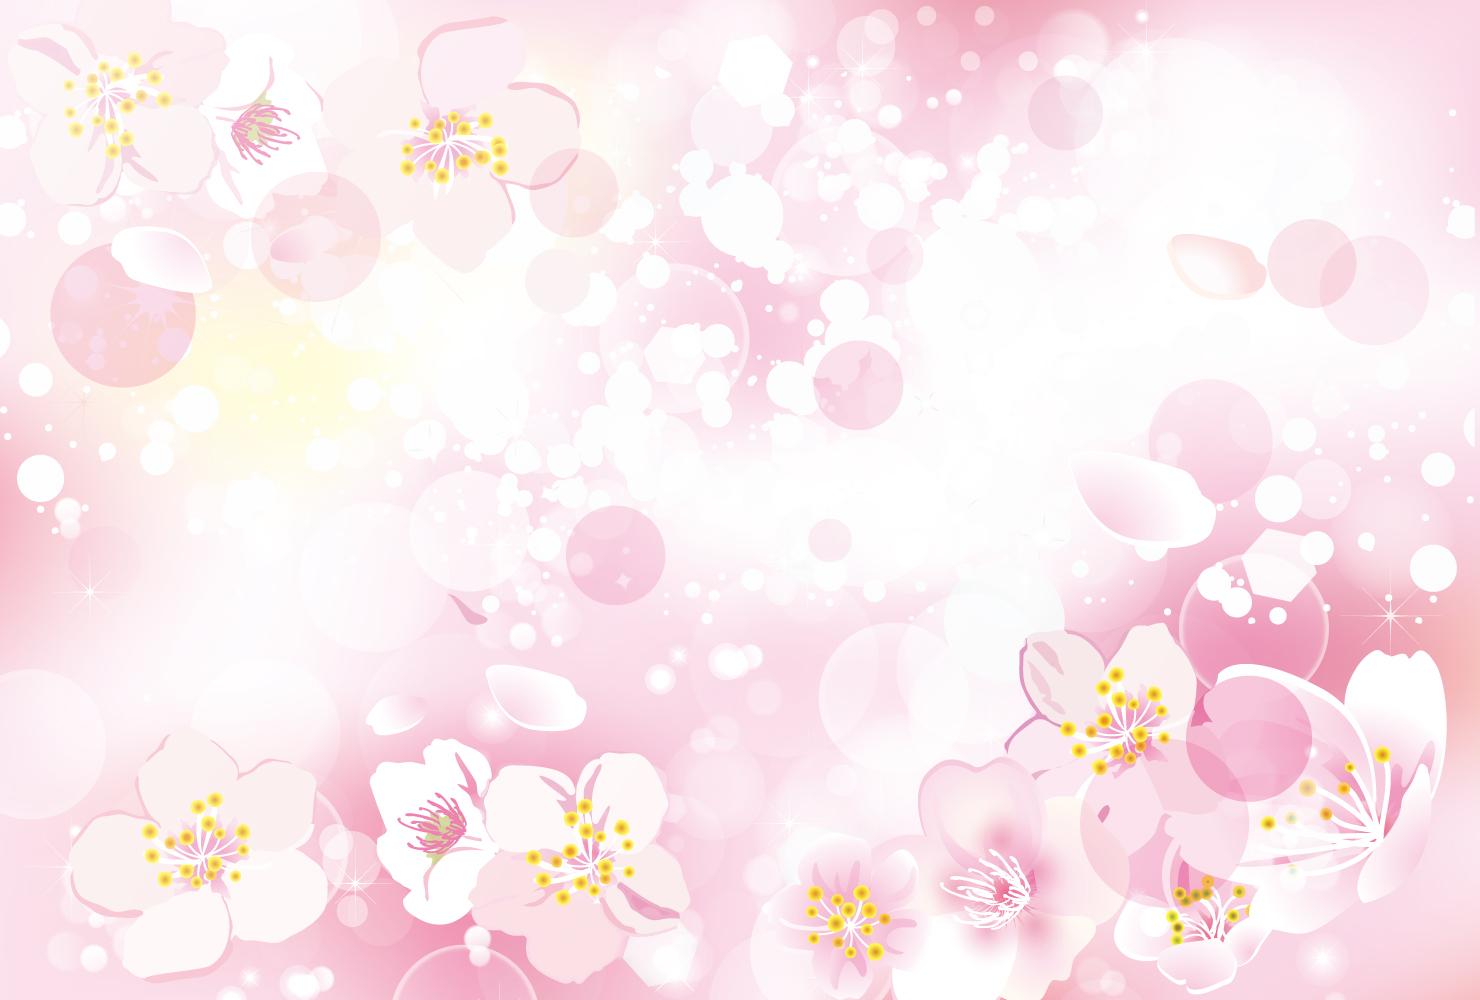 商用利用可能な春の背景無料おすすめイラスト素材